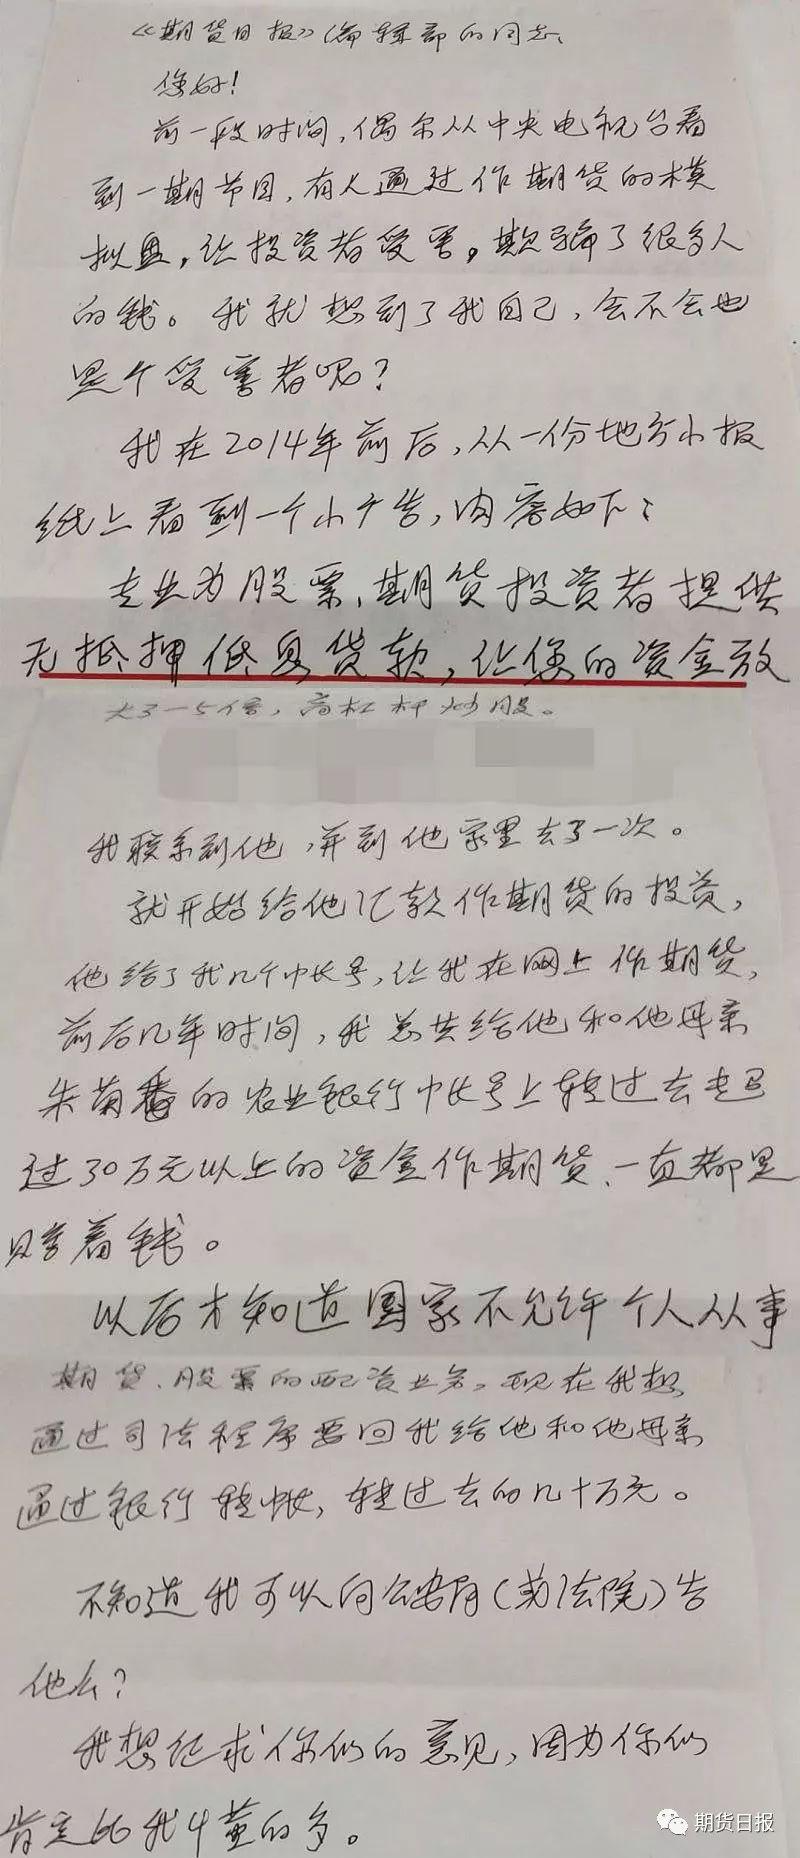 """上海期货场外配资利息多少,惊呆!配资数年炒""""期货""""血本无归,背后暗藏猫腻!真相竟是……"""